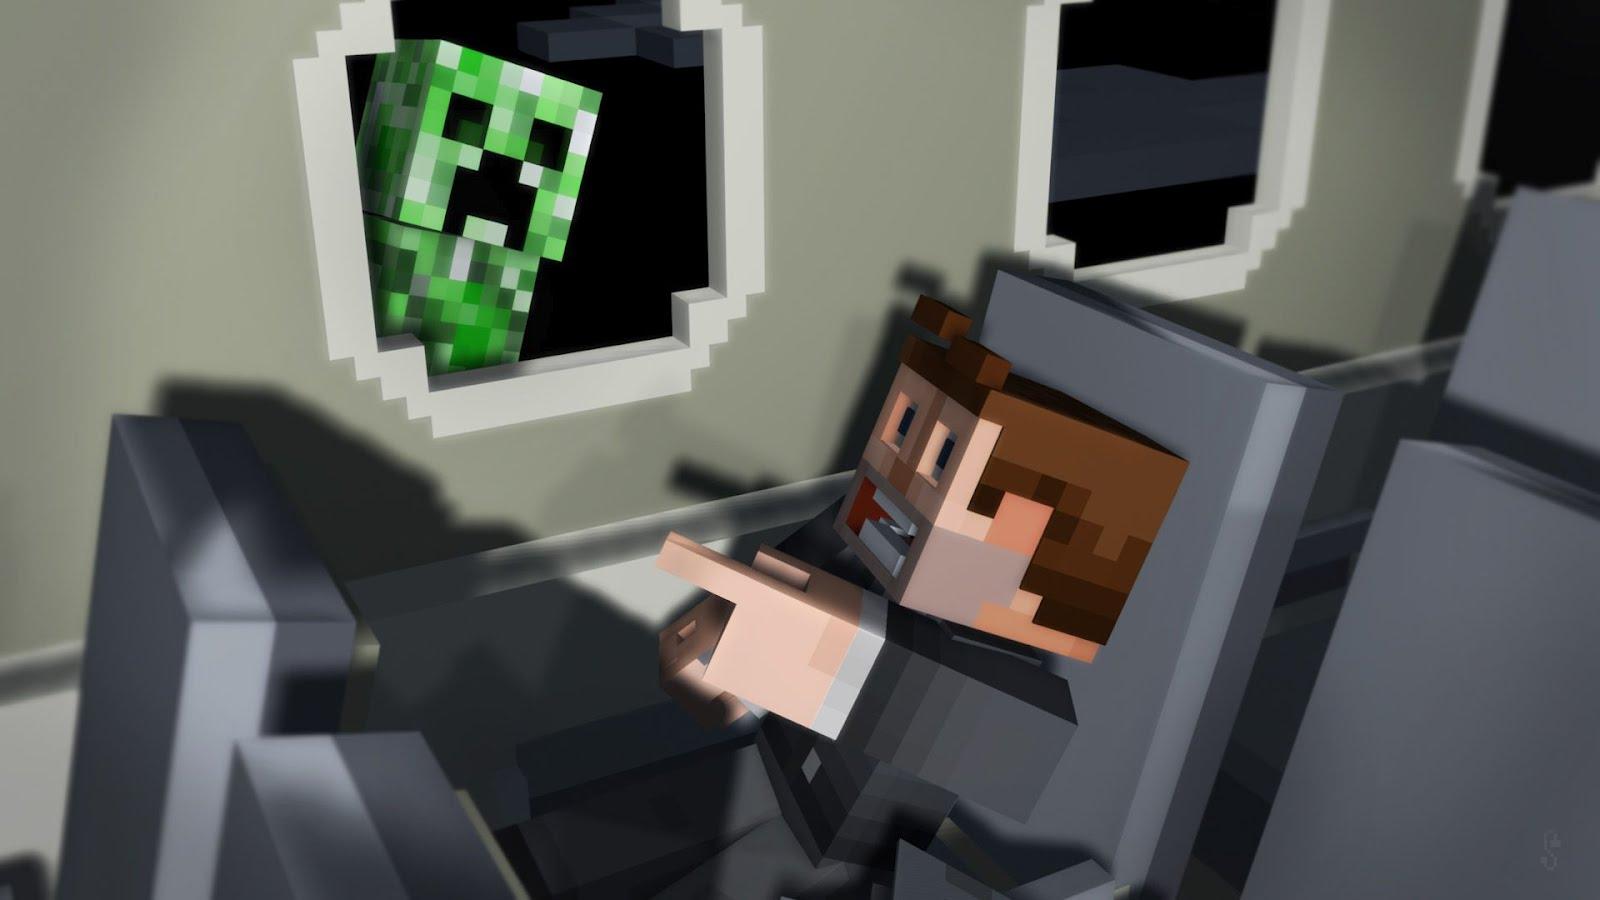 http://1.bp.blogspot.com/-ysVgpJt9Bug/T3iDm7-fAoI/AAAAAAAAA14/-_h4pnVSNnQ/s1600/creeper-on-plane.jpg